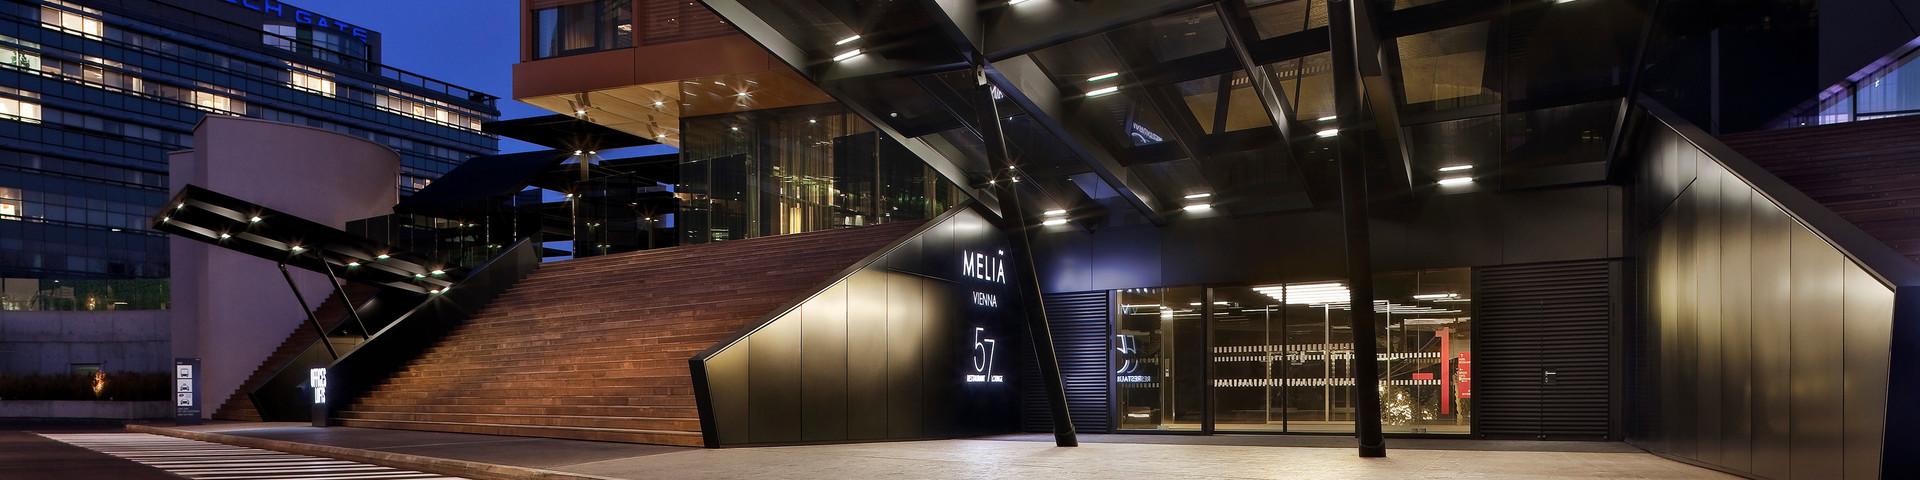 Meliá Vienna - Aussenansicht Eingang © Thierry Delsart